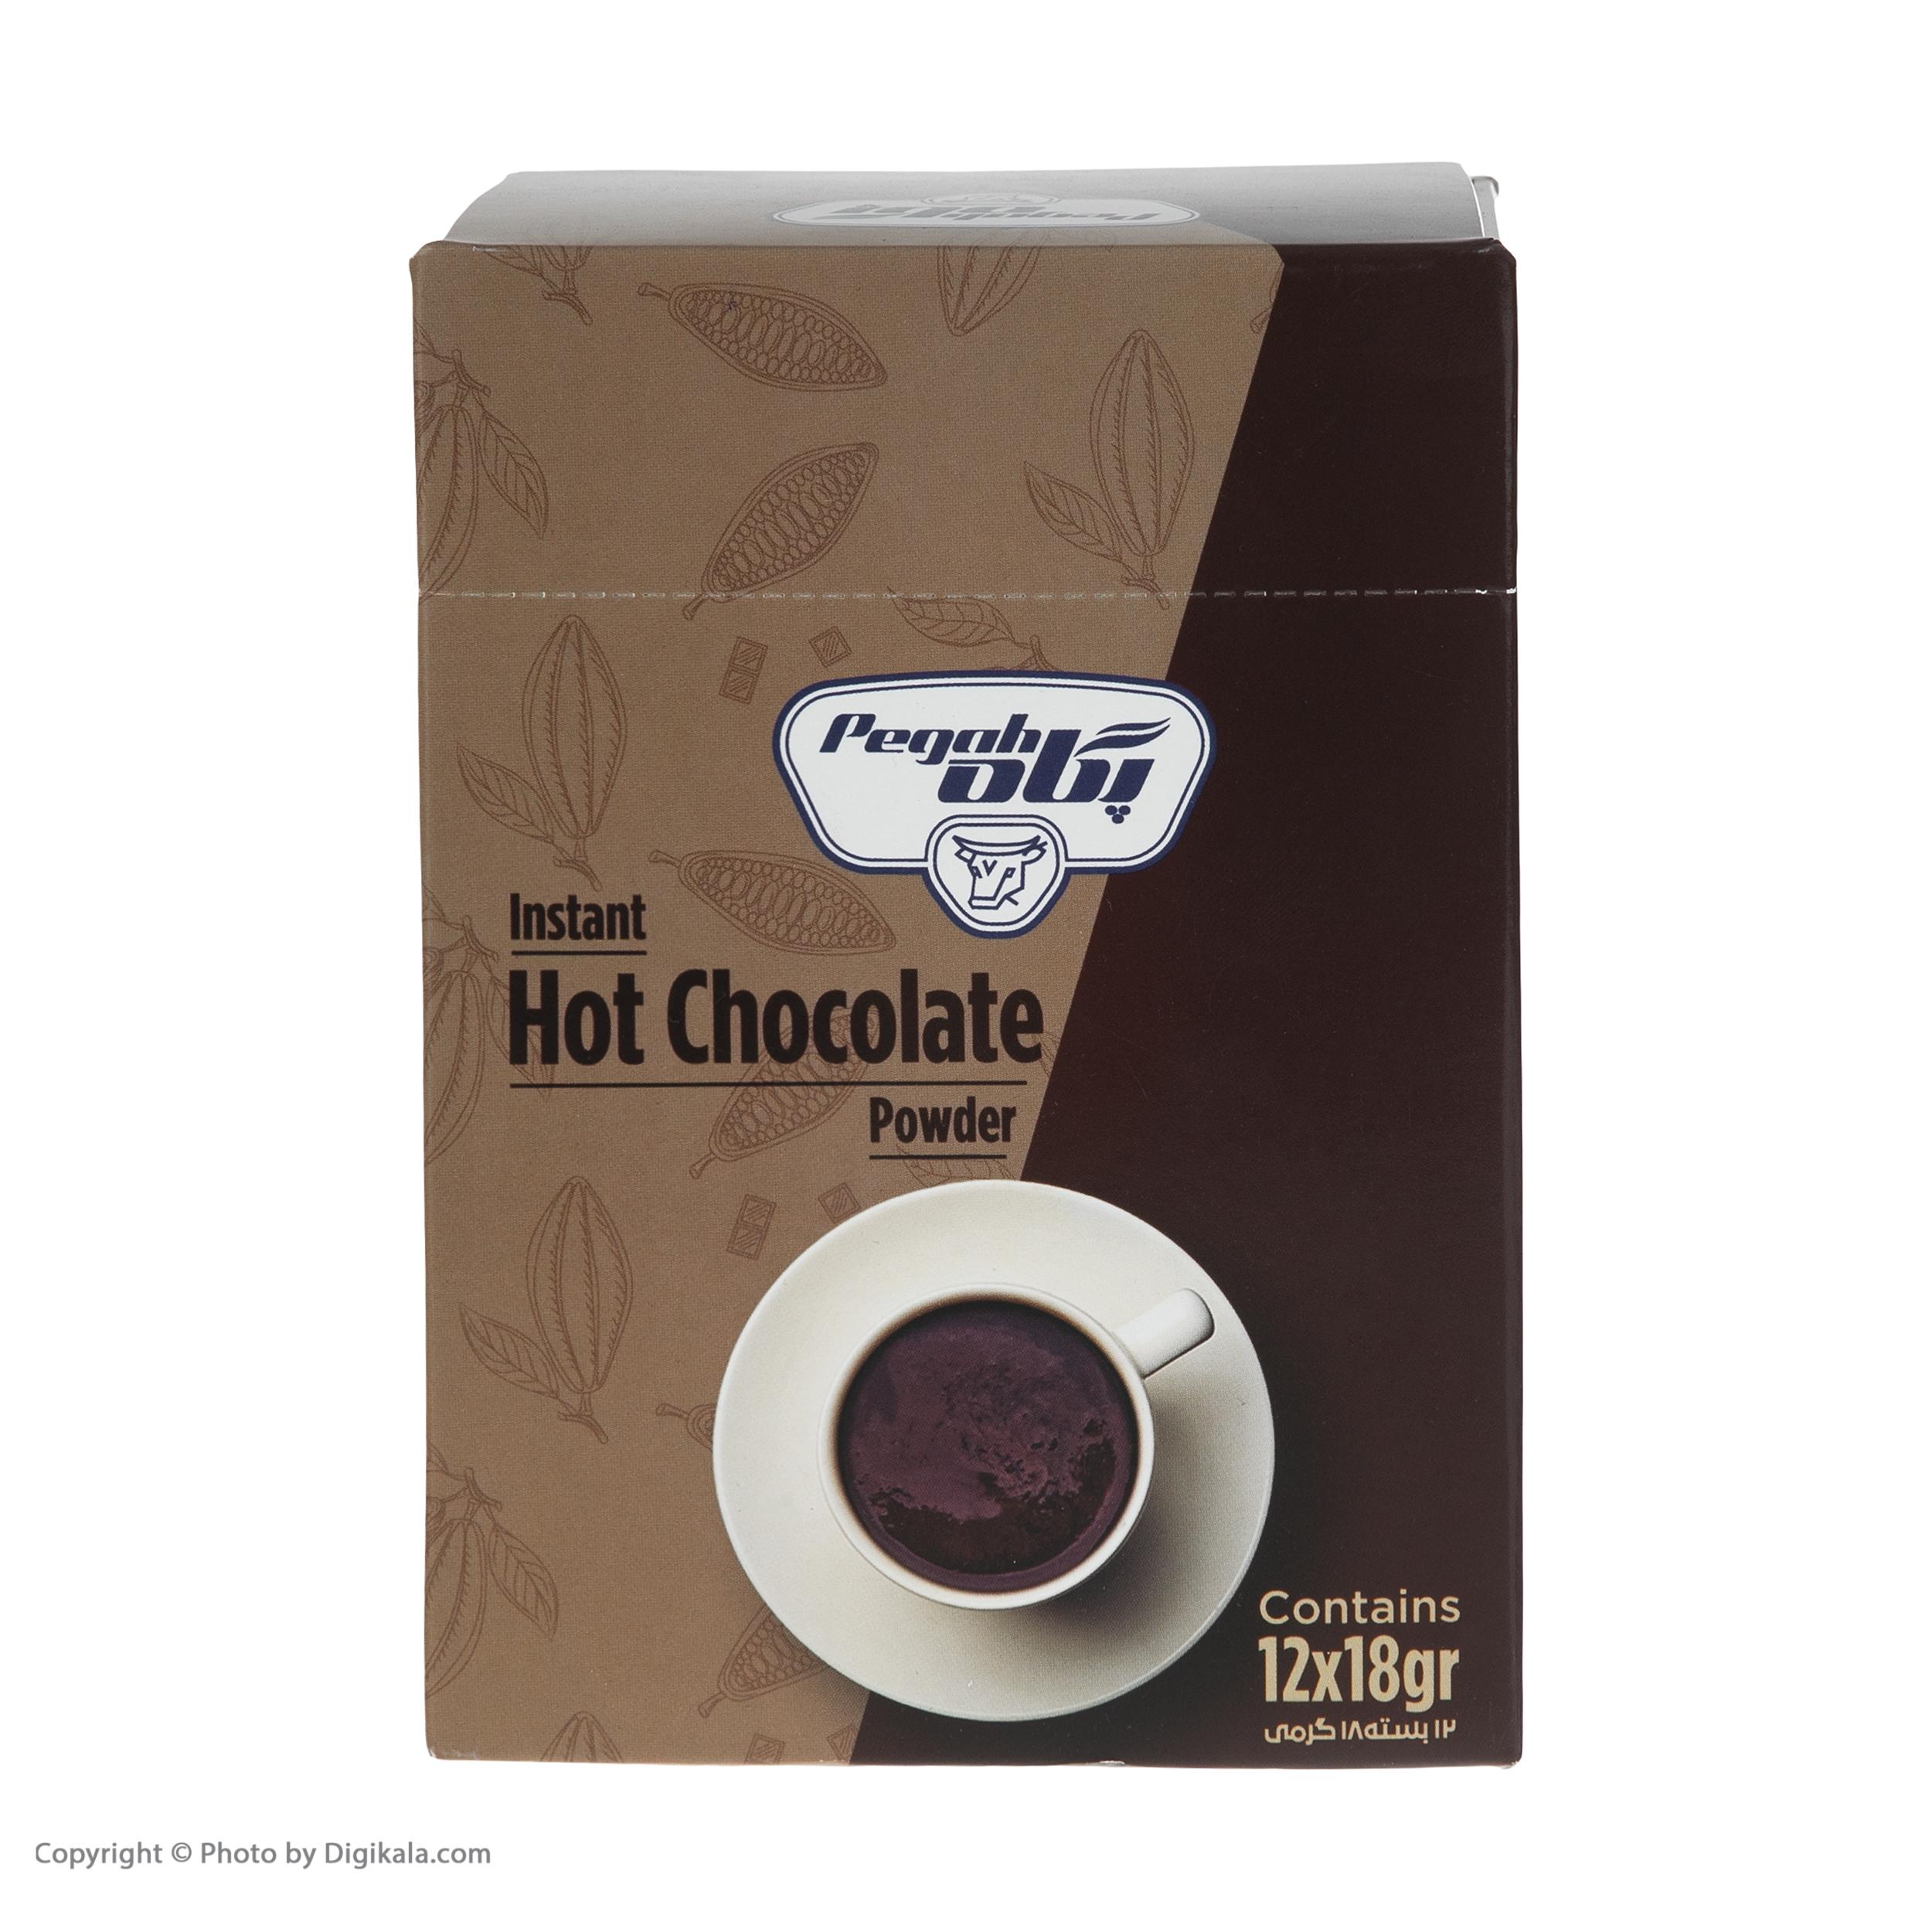 پودر شکلات داغ پگاه - بسته 12 عددی thumb 2 1